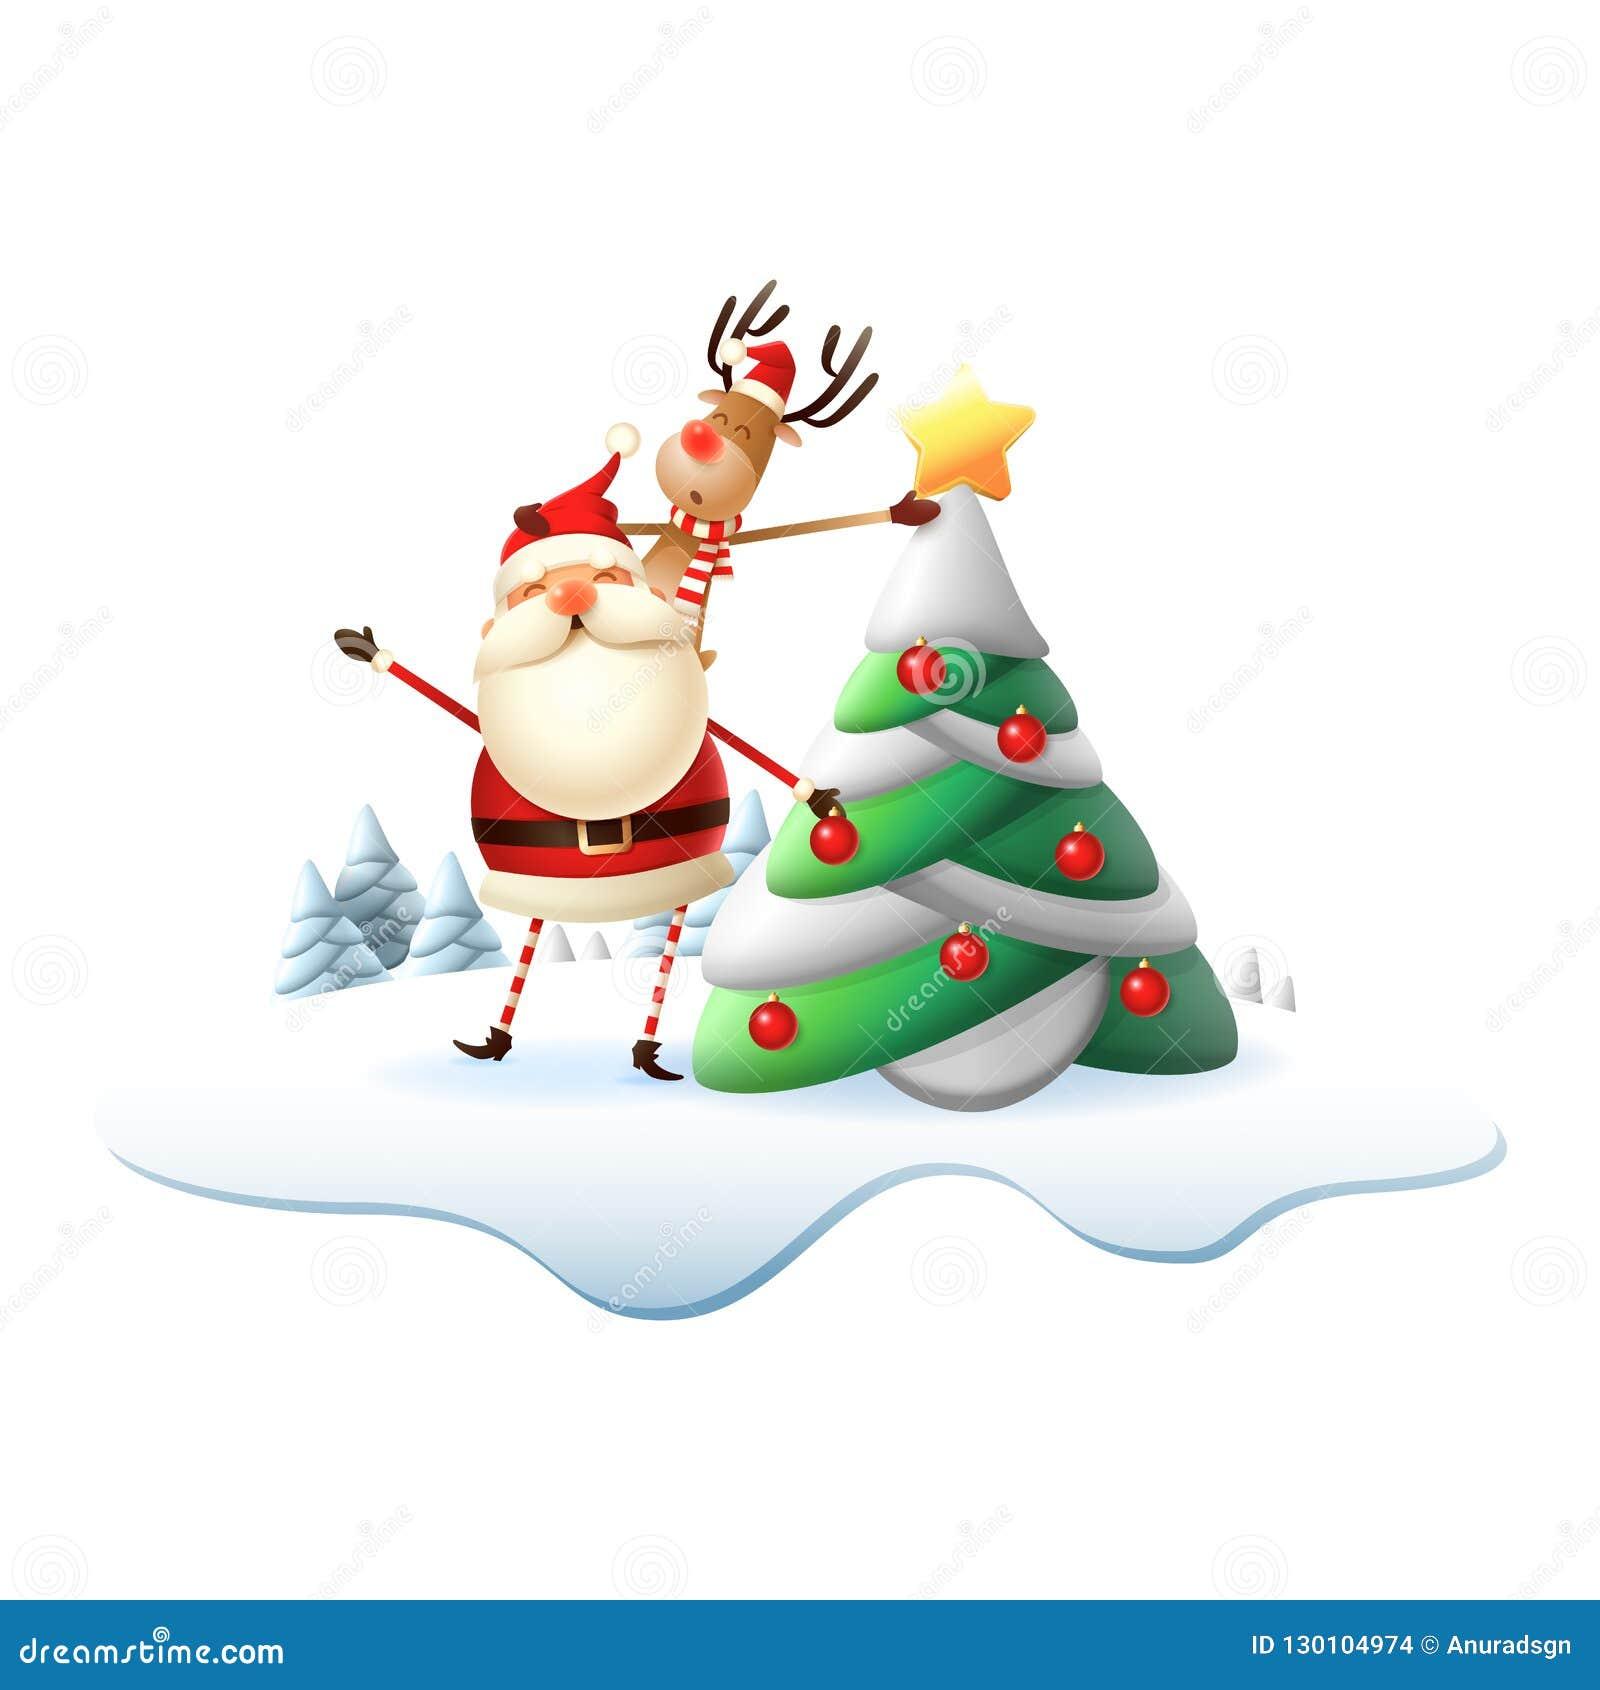 Reinder auf Santa Claus-Rückseite setzte den Stern auf Weihnachtsbaum Illustration lokalisiert auf transparentem Hintergrund